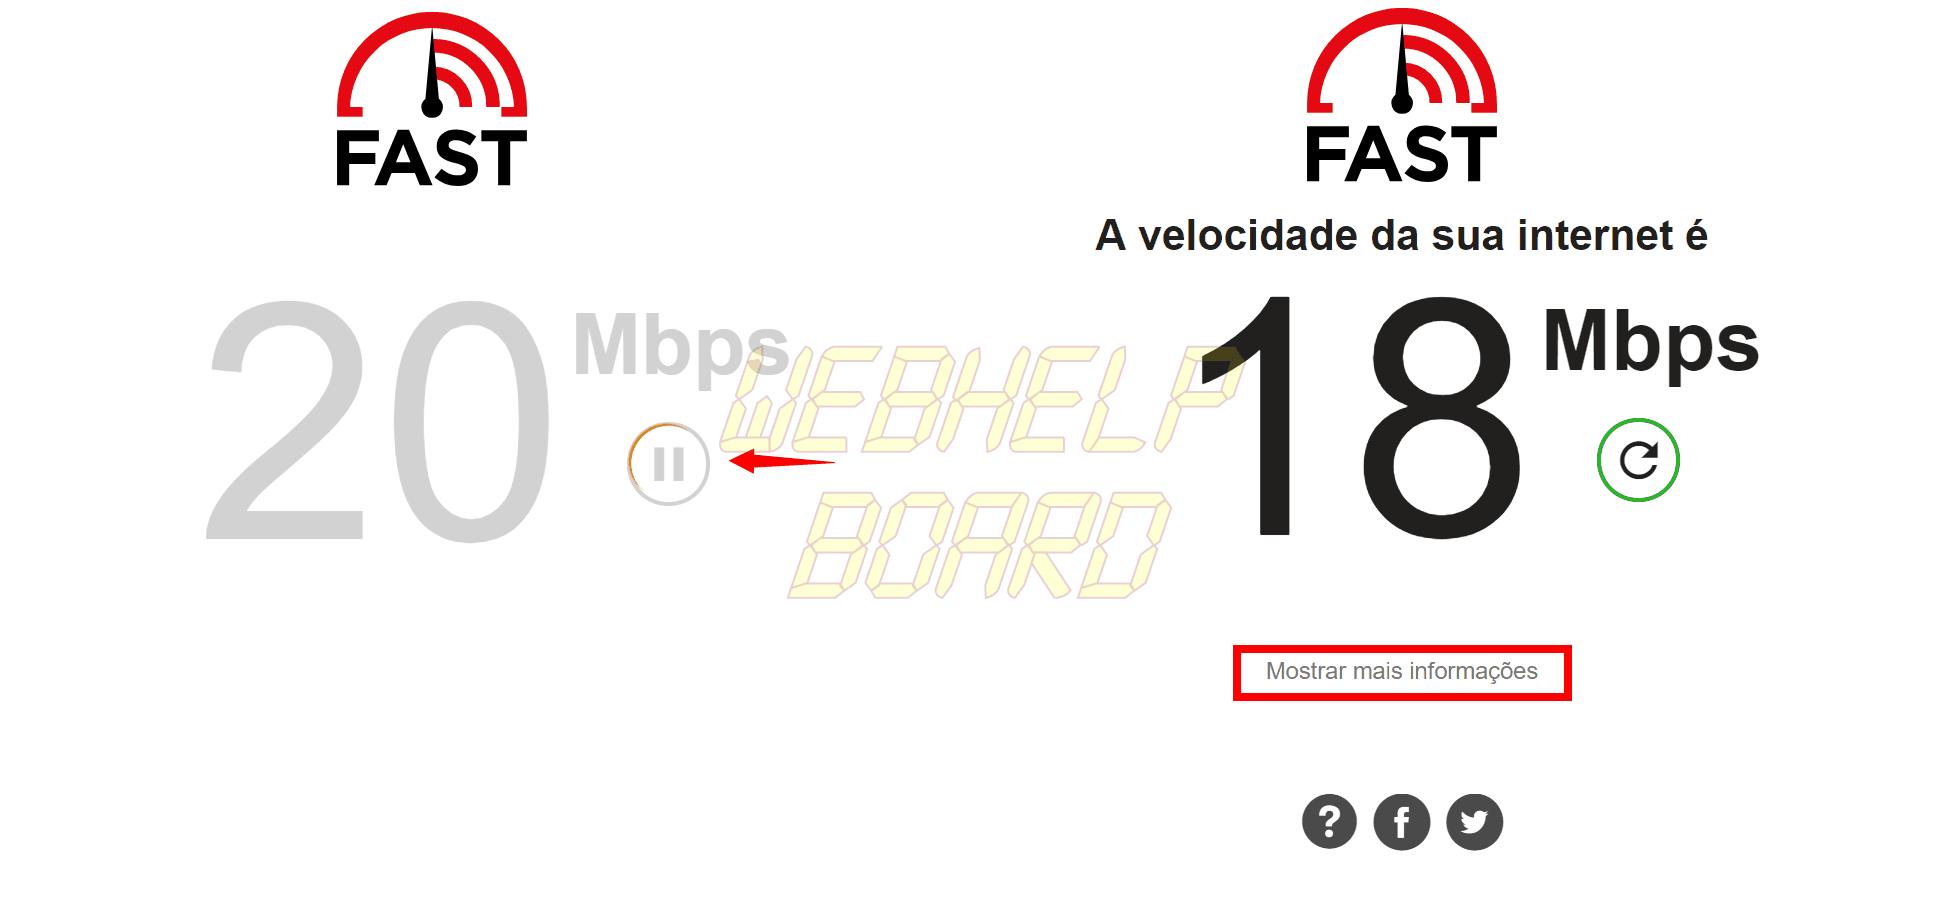 2 PC - Saiba como usar o FAST, da Netflix, para medir a velocidade de sua internet